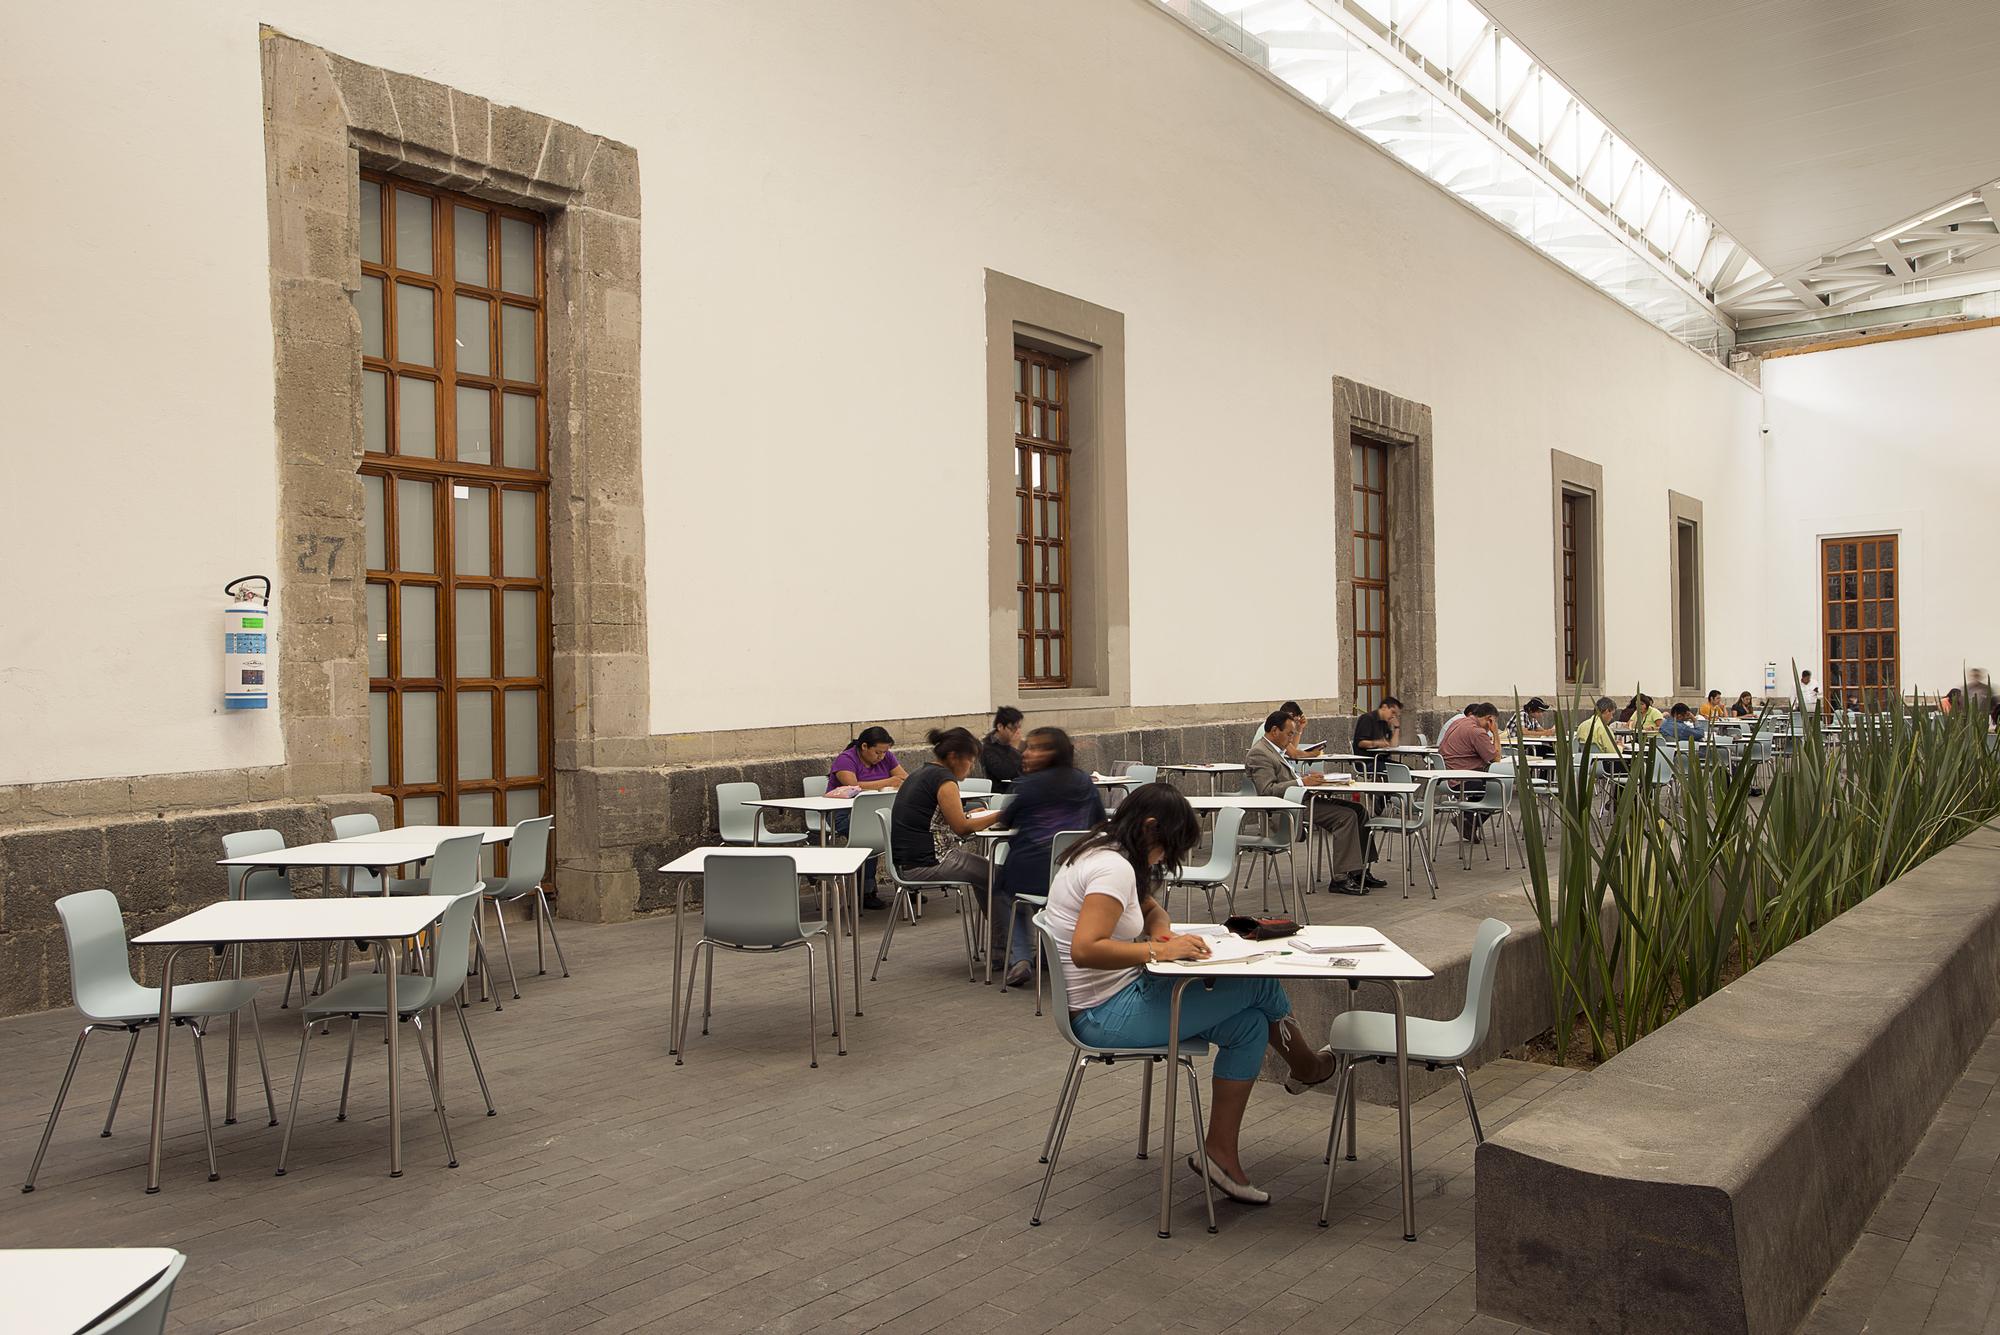 52e83b9ee8e44e3e3800002b_-the-city-of-the-books-and-the-images-taller-6a_dsc_1389